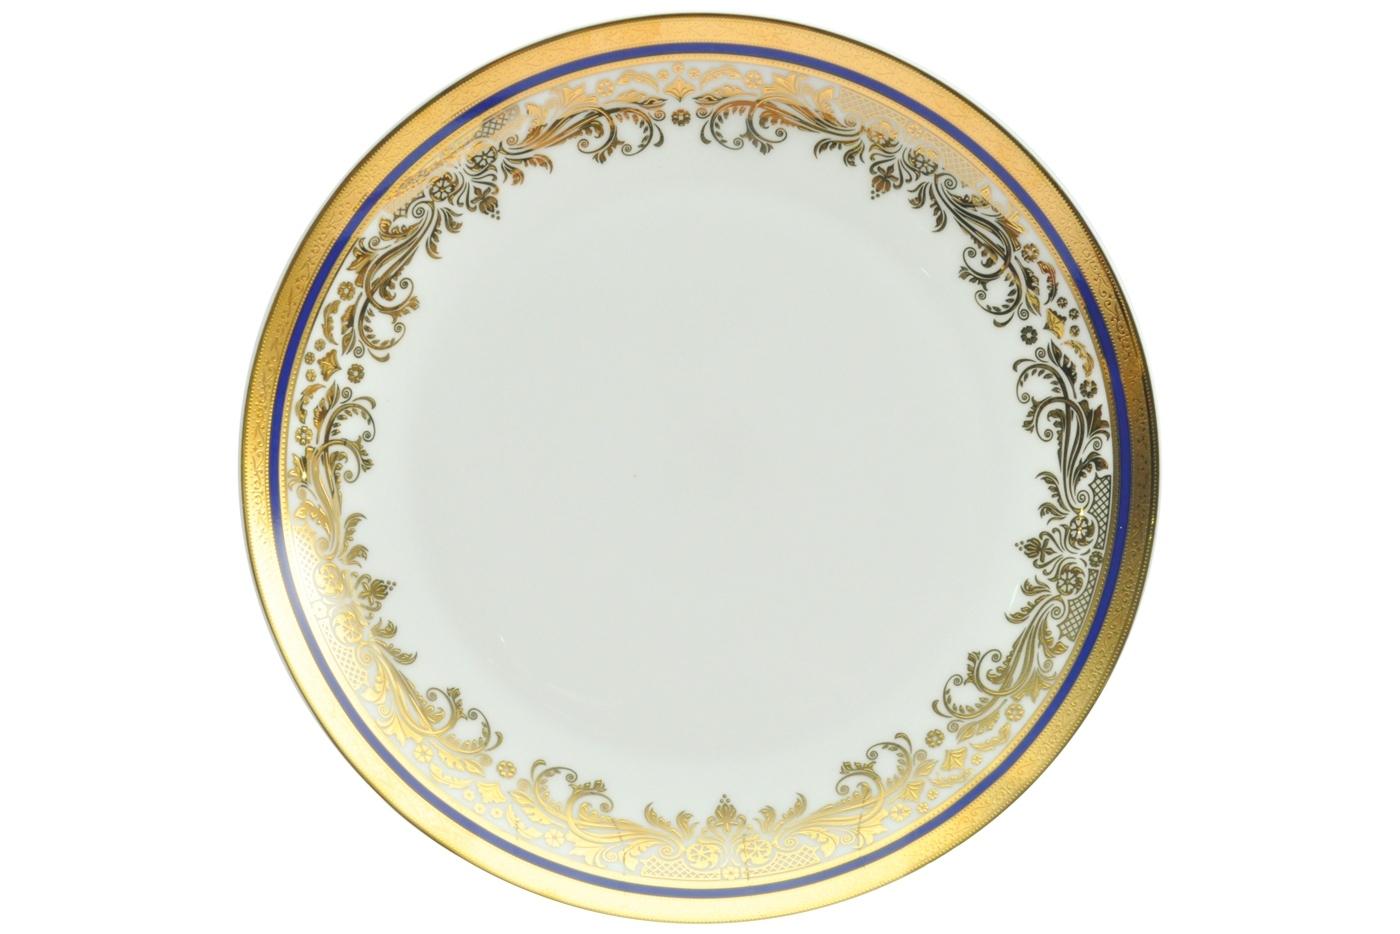 Набор из 6 тарелок Royal Aurel Элит (25см) арт.621Наборы тарелок<br>Набор из 6 тарелок Royal Aurel Элит (25см) арт.621<br>Производить посуду из фарфора начали в Китае на стыке 6-7 веков. Неустанно совершенствуя и селективно отбирая сырье для производства посуды из фарфора, мастерам удалось добиться выдающихся характеристик фарфора: белизны и тонкостенности. В XV веке появился особый интерес к китайской фарфоровой посуде, так как в это время Европе возникла мода на самобытные китайские вещи. Роскошный китайский фарфор являлся изыском и был в новинку, поэтому он выступал в качестве подарка королям, а также знатным людям. Такой дорогой подарок был очень престижен и по праву являлся элитной посудой. Как известно из многочисленных исторических документов, в Европе китайские изделия из фарфора ценились практически как золото. <br>Проверка изделий из костяного фарфора на подлинность <br>По сравнению с производством других видов фарфора процесс производства изделий из настоящего костяного фарфора сложен и весьма длителен. Посуда из изящного фарфора - это элитная посуда, которая всегда ассоциируется с богатством, величием и благородством. Несмотря на небольшую толщину, фарфоровая посуда - это очень прочное изделие. Для демонстрации плотности и прочности фарфора можно легко коснуться предметов посуды из фарфора деревянной палочкой, и тогда мы услушим характерный металлический звон. В составе фарфоровой посуды присутствует костяная зола, благодаря чему она может быть намного тоньше (не более 2,5 мм) и легче твердого или мягкого фарфора. Безупречная белизна - ключевой признак отличия такого фарфора от других. Цвет обычного фарфора сероватый или ближе к голубоватому, а костяной фарфор будет всегда будет молочно-белого цвета. Характерная и немаловажная деталь - это невесомая прозрачность изделий из фарфора такая, что сквозь него проходит свет.<br>